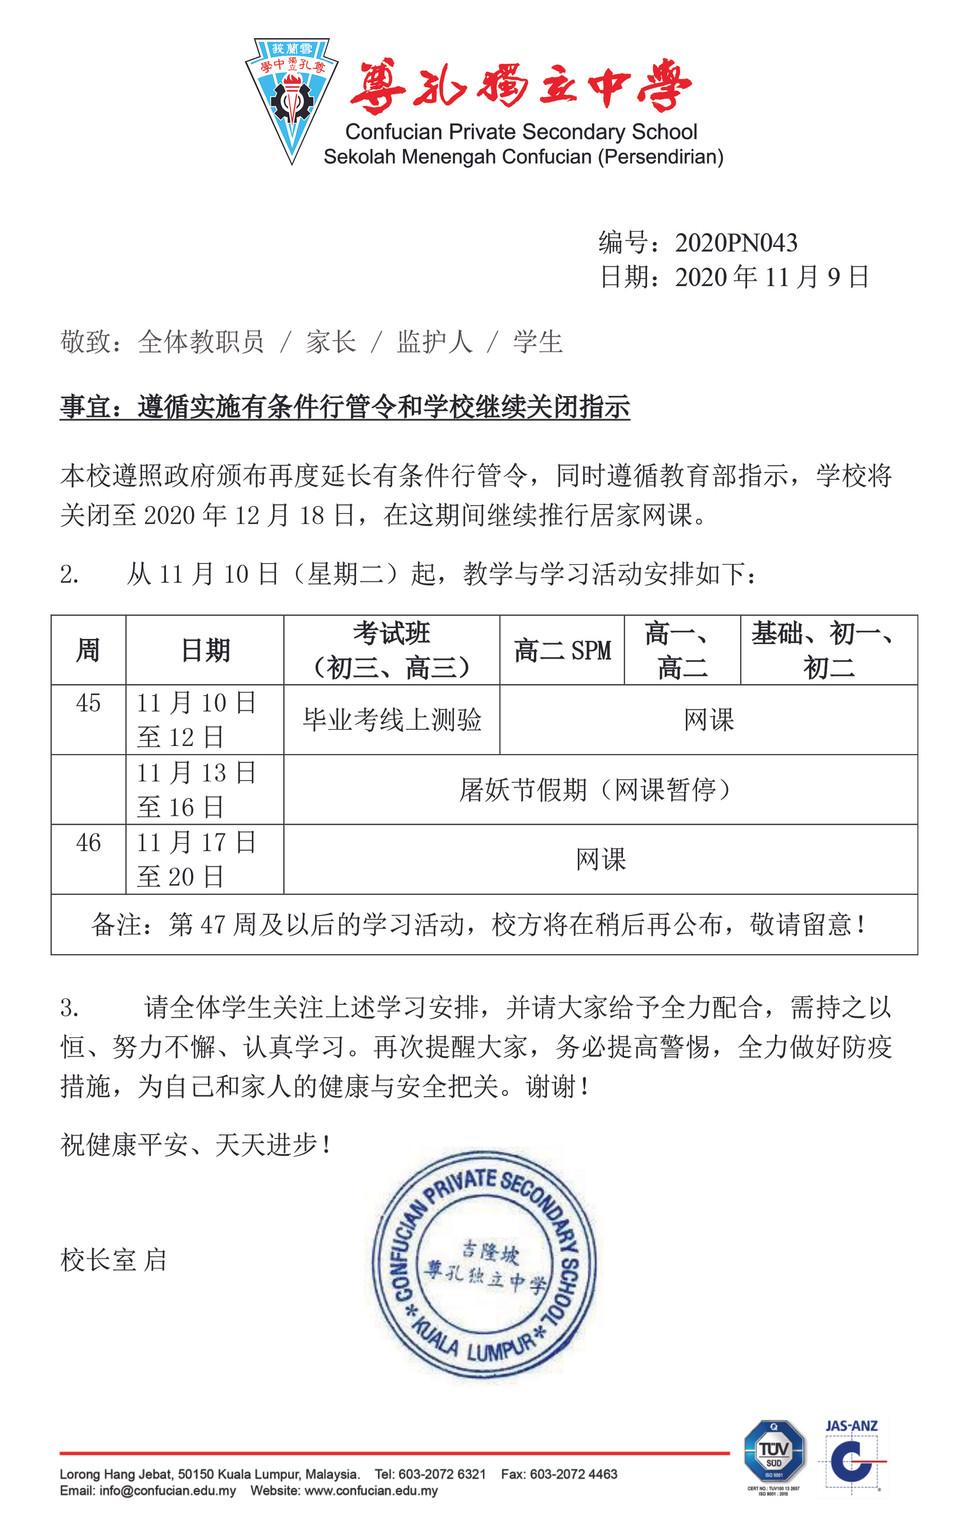 [校长室通告] 遵循实施有条件行管令和学校继续关闭指示